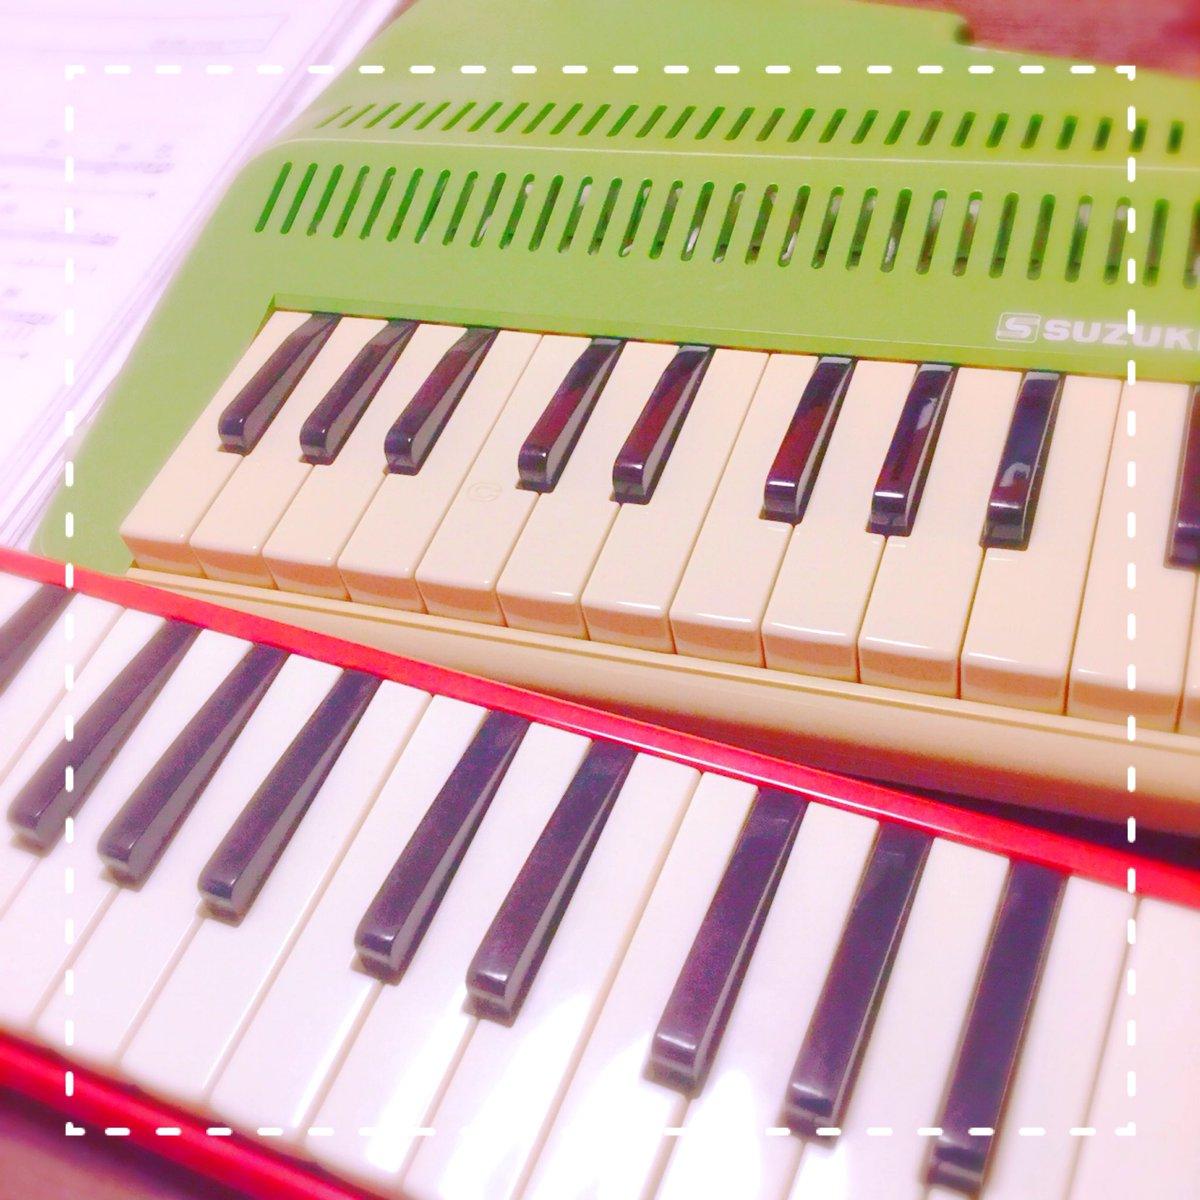 鍵盤笛 hashtag on Twitter